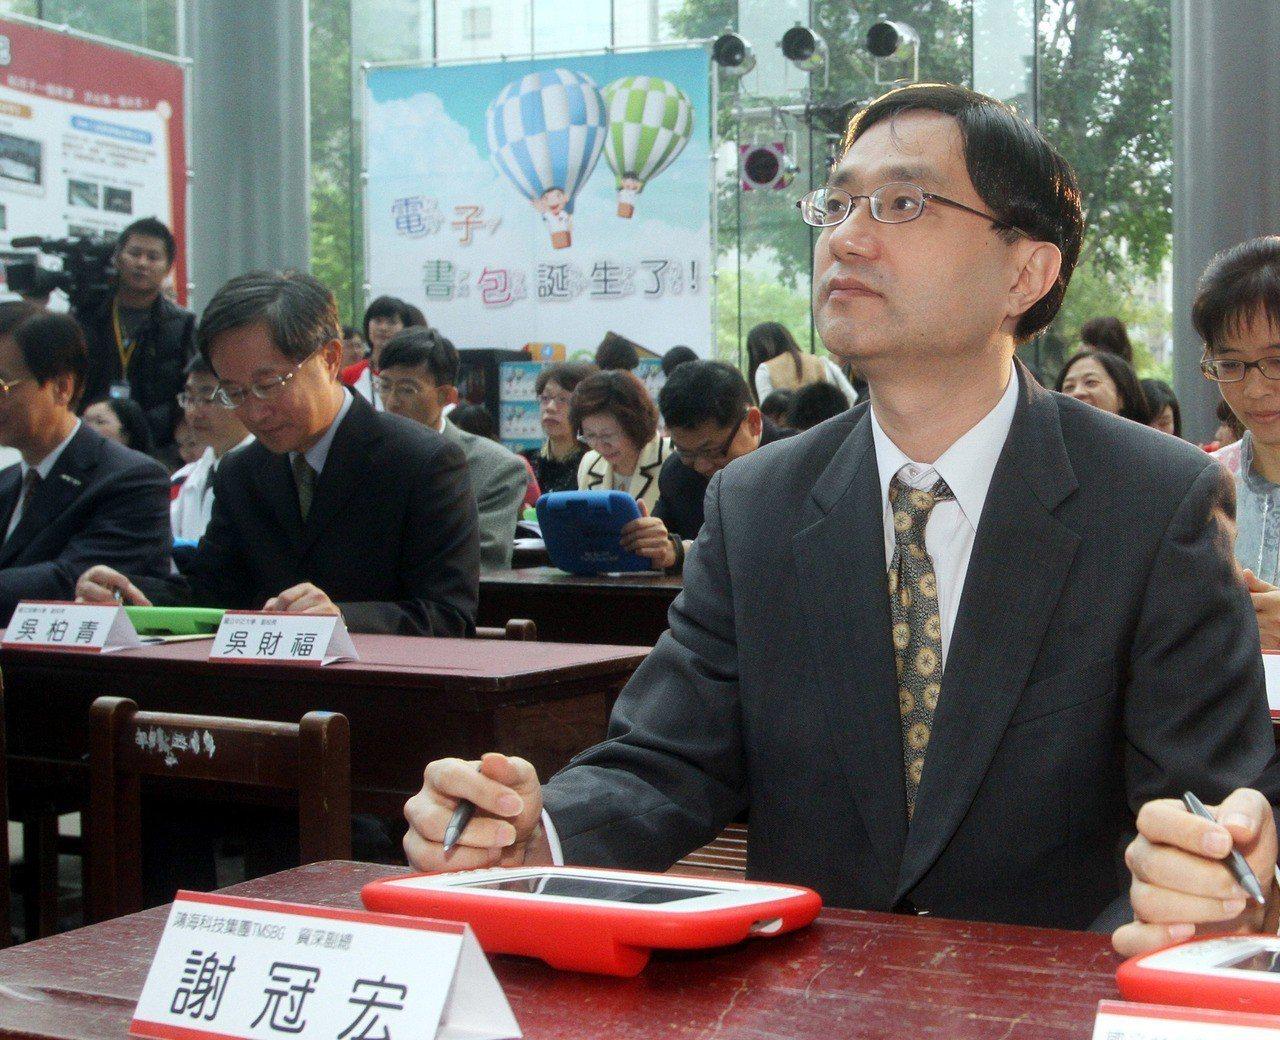 謝冠宏曾是富士康最年輕的事業群總經理,媒體形容是郭董左右手。 聯合報系資料照/記...